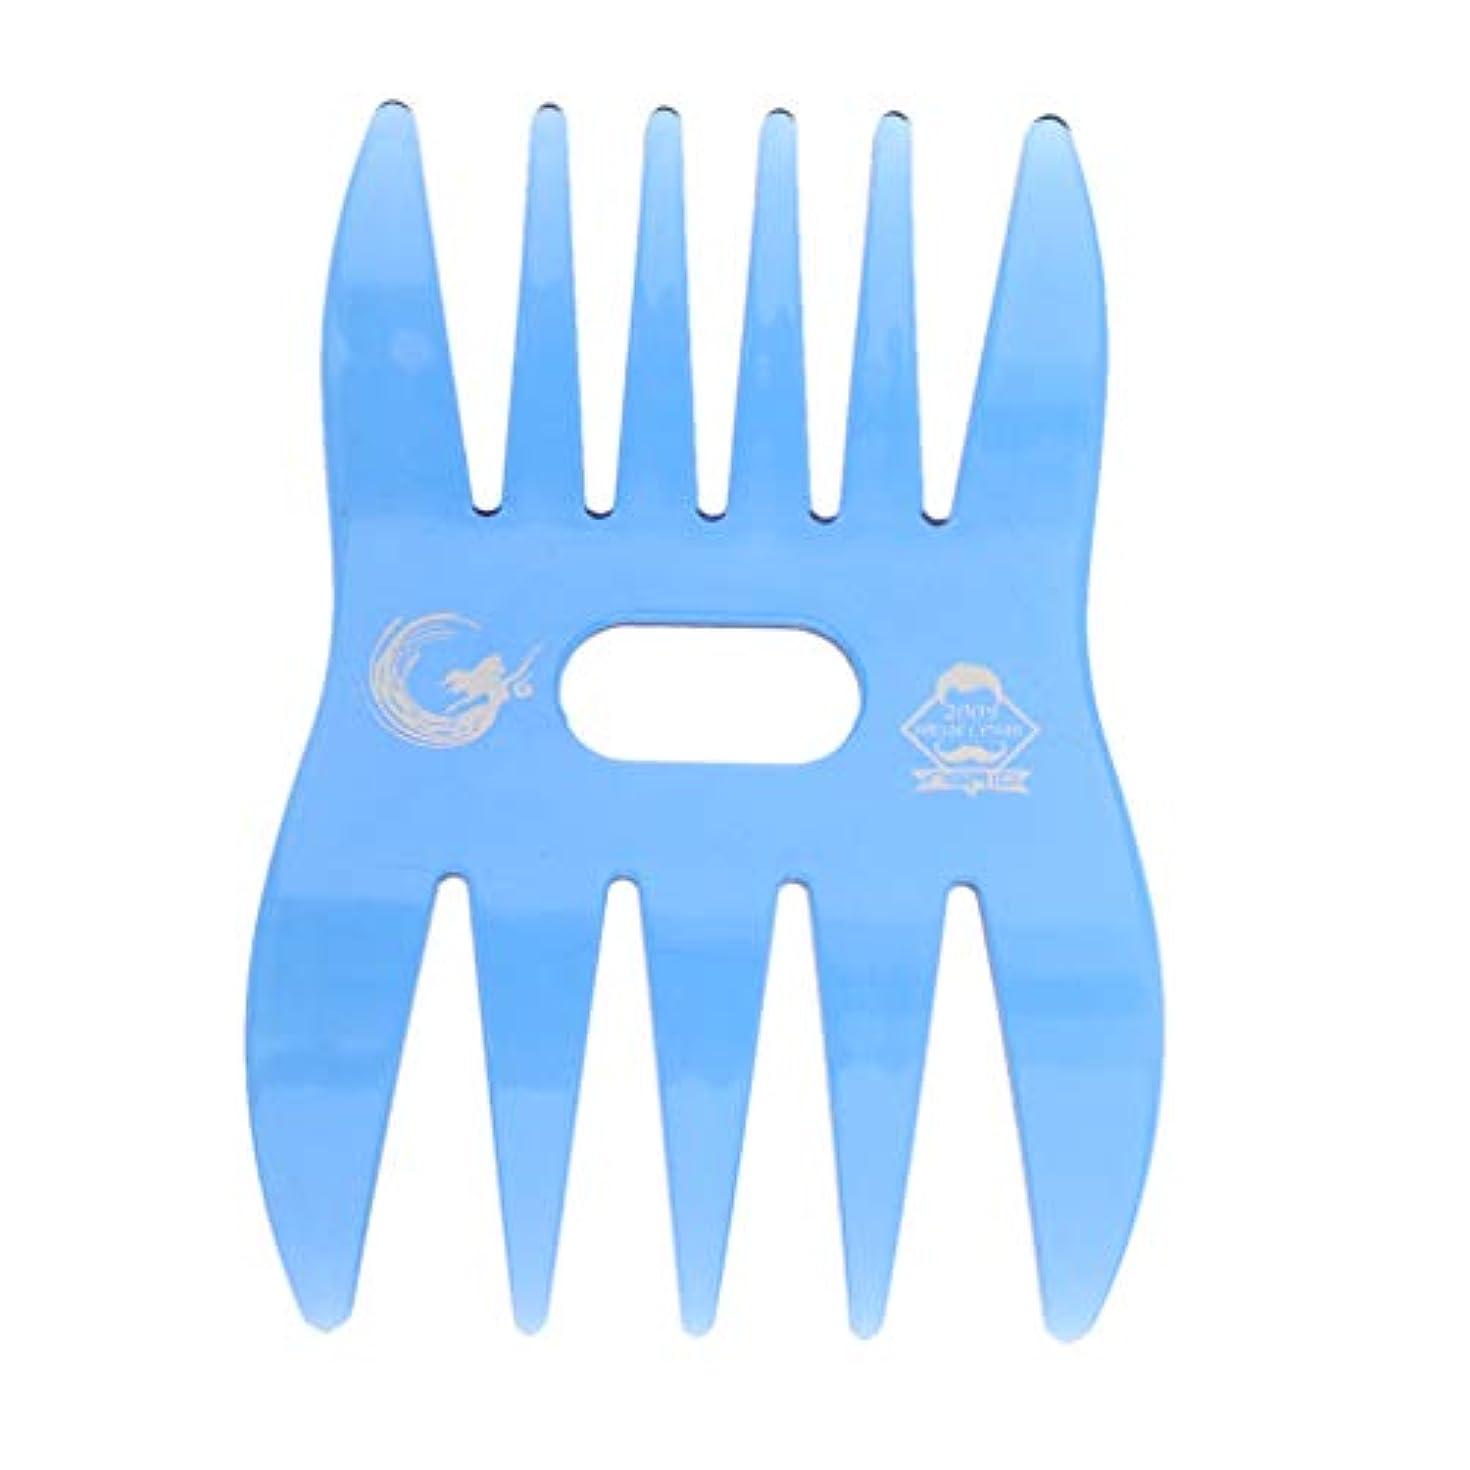 スタッフ摂氏過剰ヘアコーム ヘアブラシ デュアルサイド ワイド 細かい歯 プロ ヘアスタイリスト 櫛 4色選べ - 青